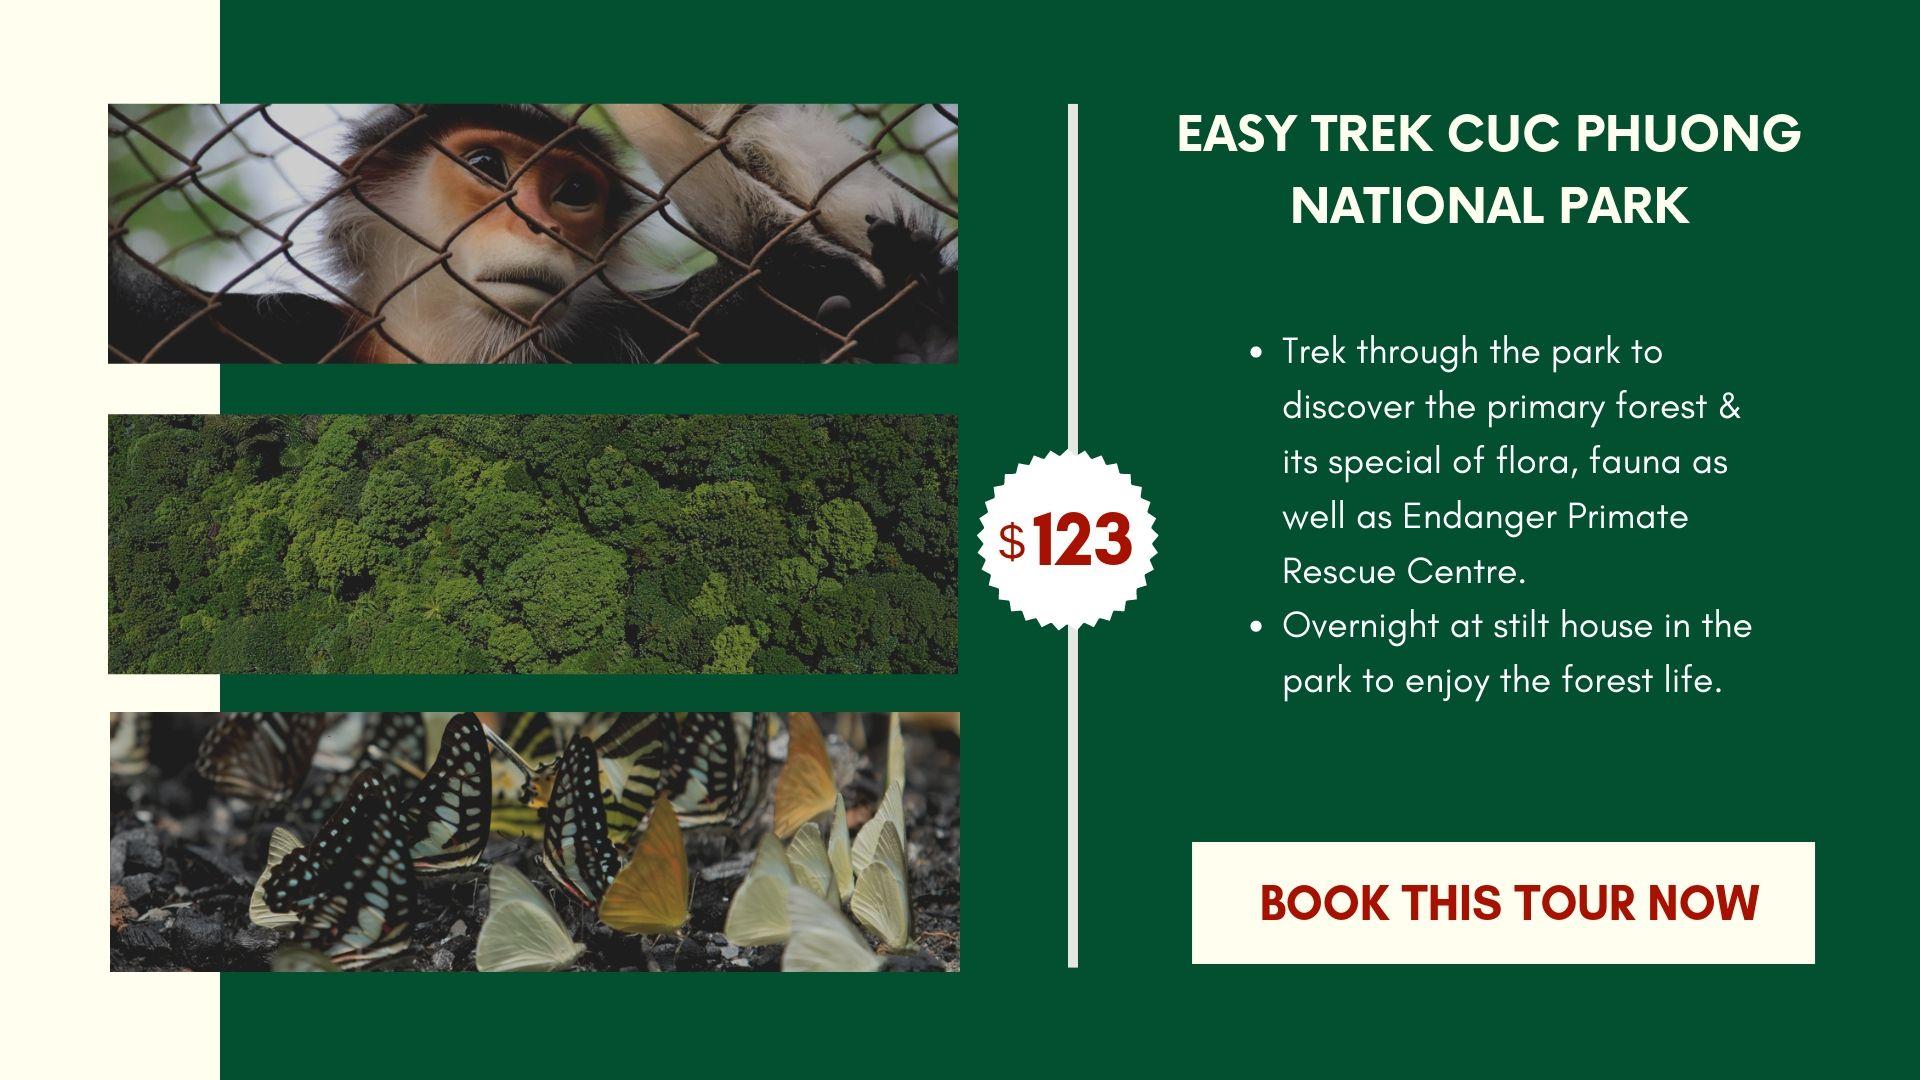 Cuc Phuong National Park Tour - 02 days